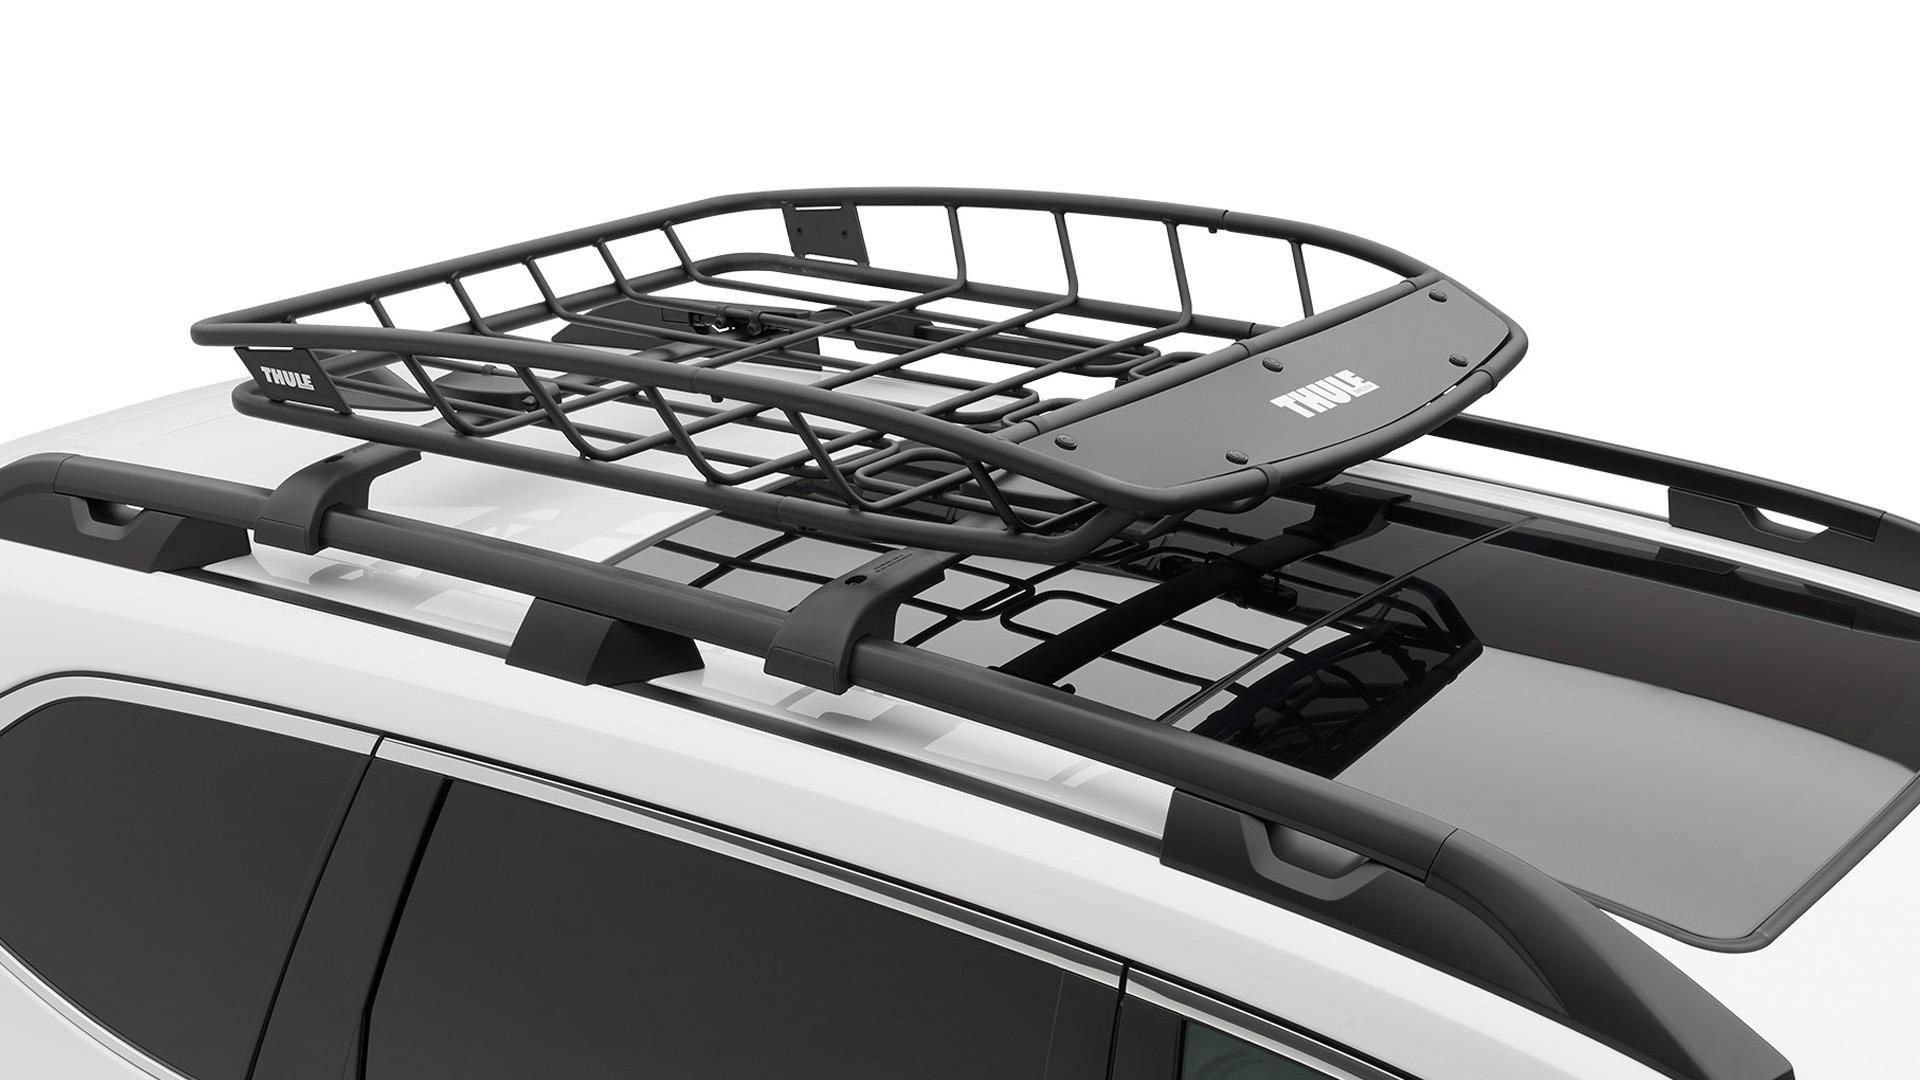 2018 Subaru Forester Thule 174 Heavy Duty Roof Cargo Basket